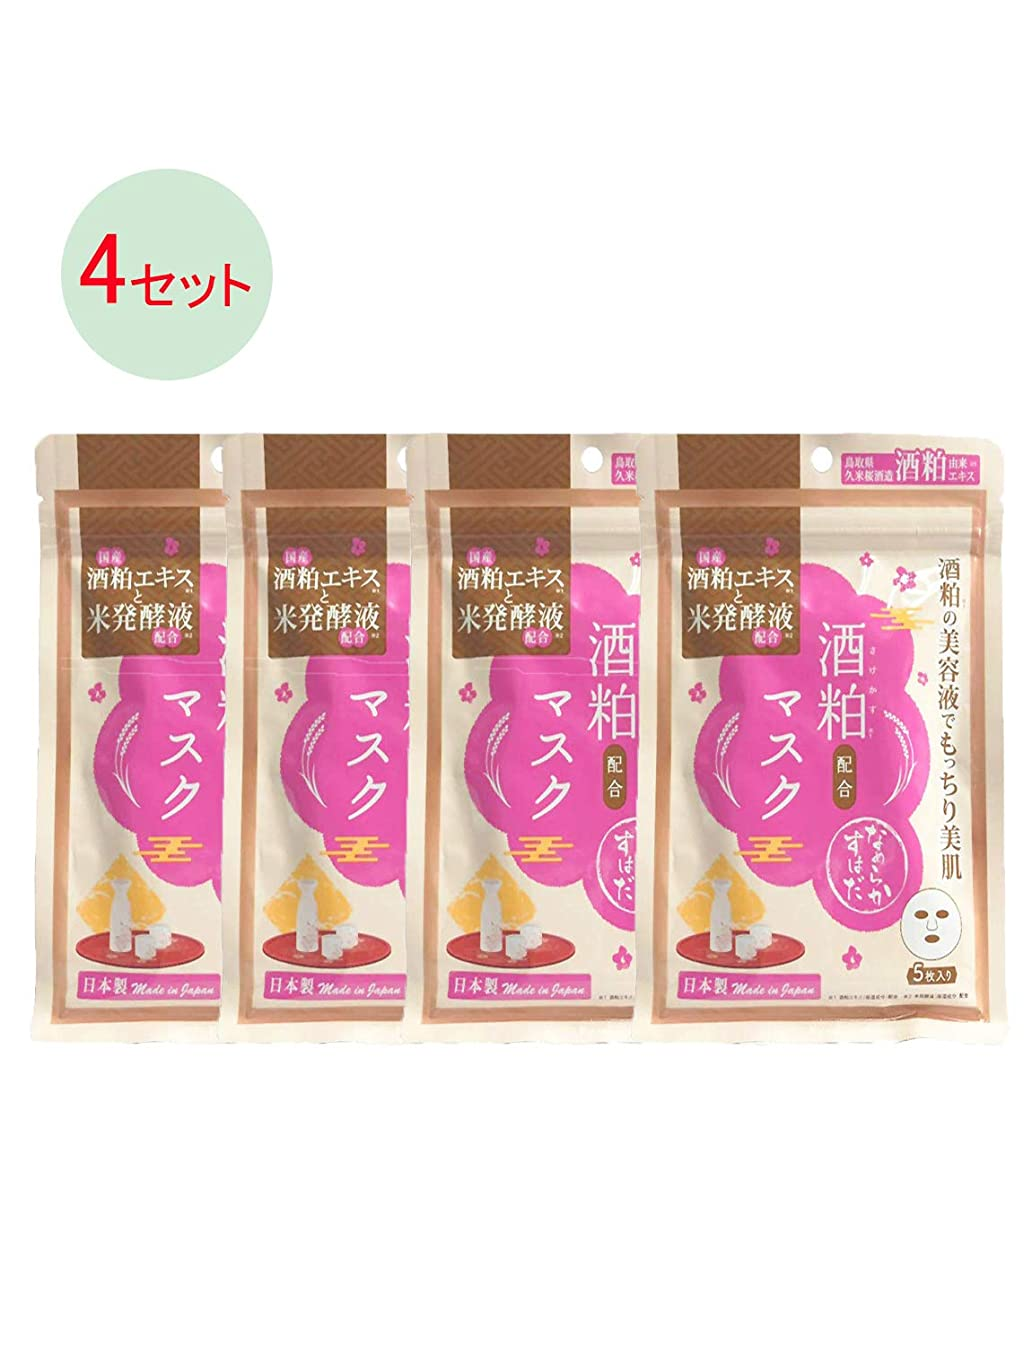 ベリー追うリア王日本製 酒粕マスク (5枚入) x 4セット